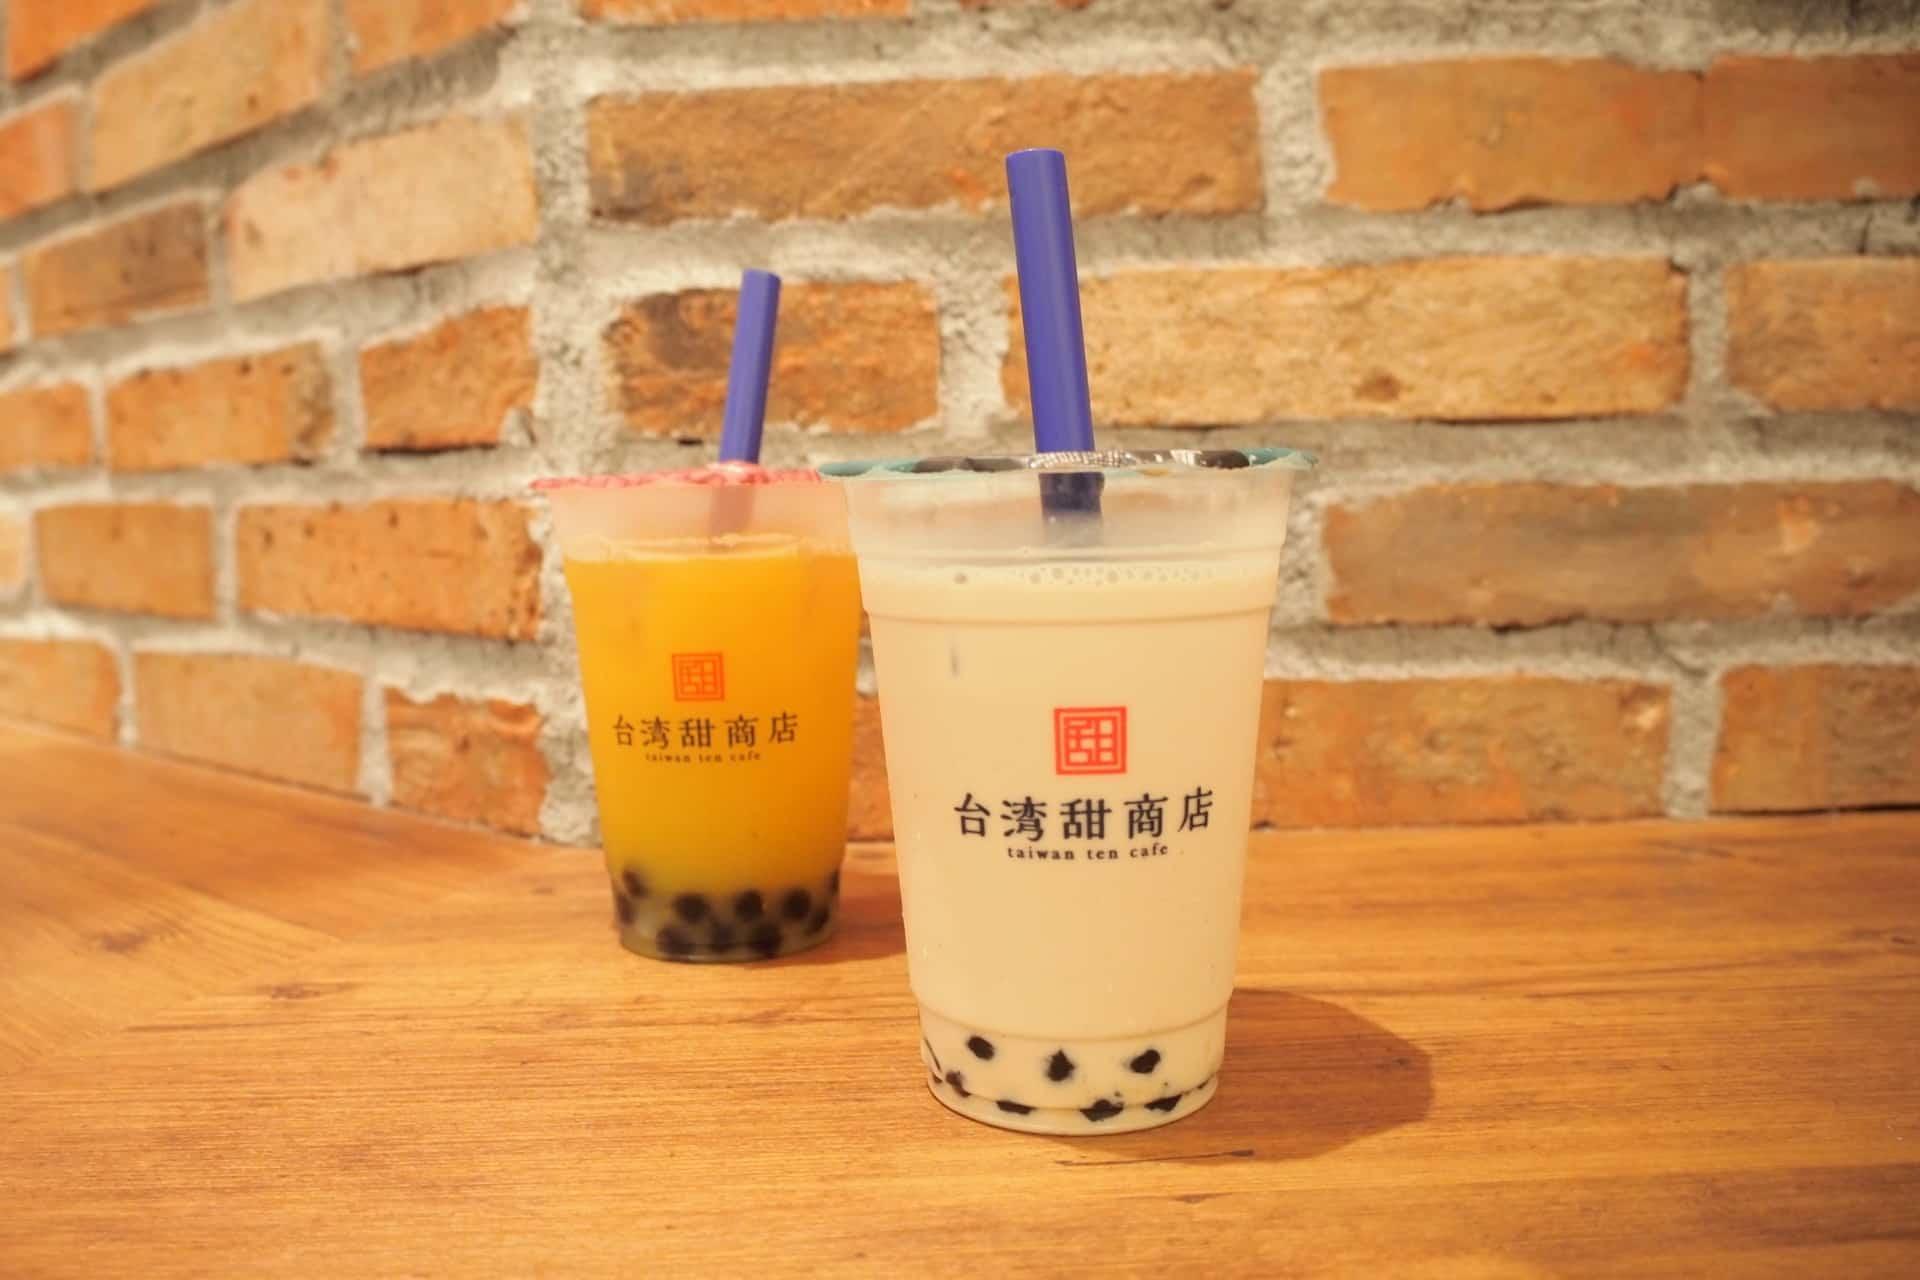 台湾甜商店 神戸三宮さんちか店 − タピオカや台湾スイーツが楽しめる!JR三ノ宮駅からもすぐの場所